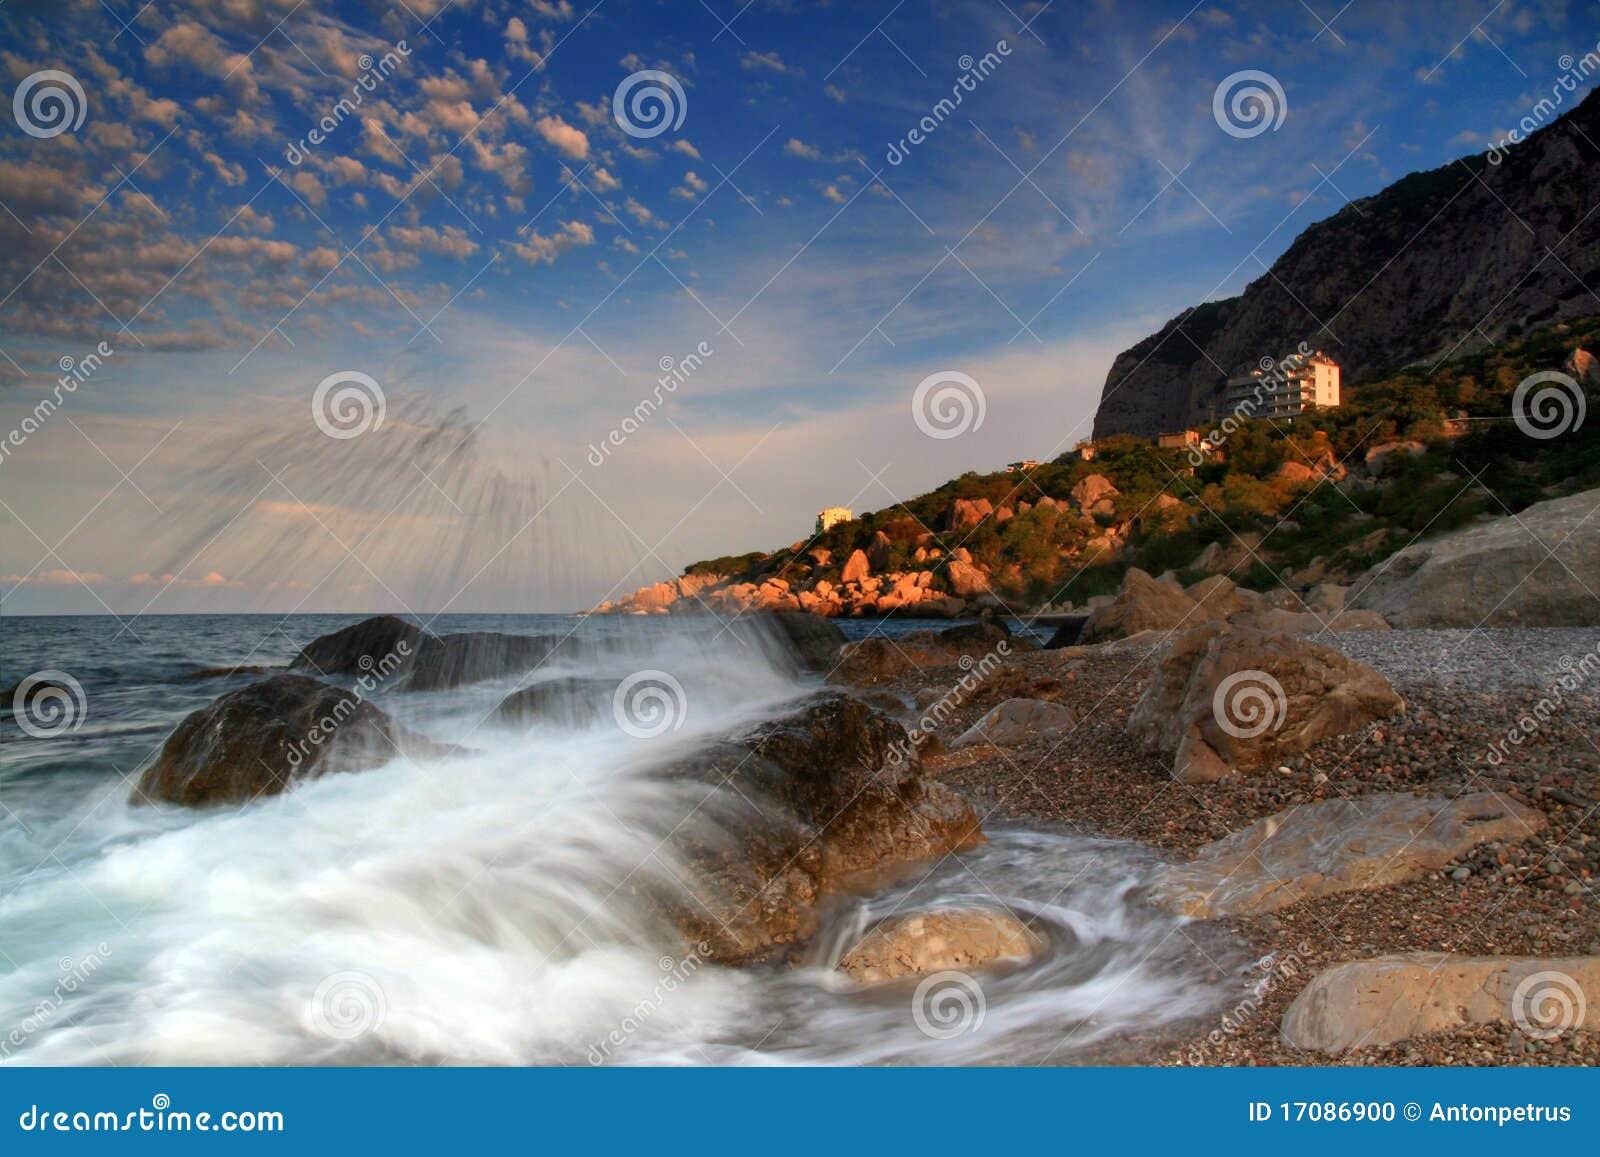 Der Himmel über der Rücksortierung des Mittelmeeres